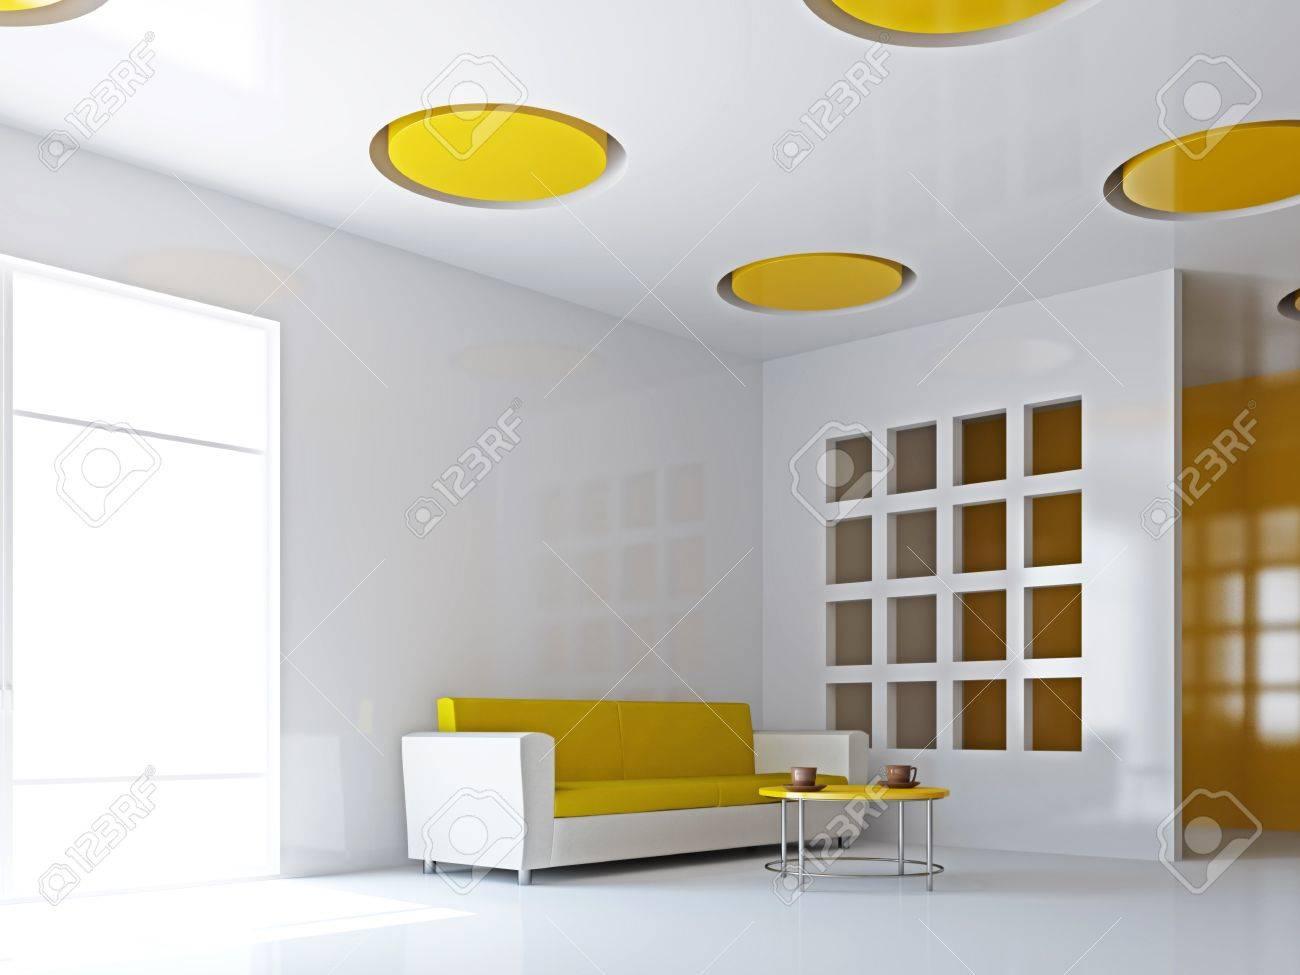 Das Große Wohnzimmer Mit Gelben Sofa An Der Wand Lizenzfreie Fotos ...